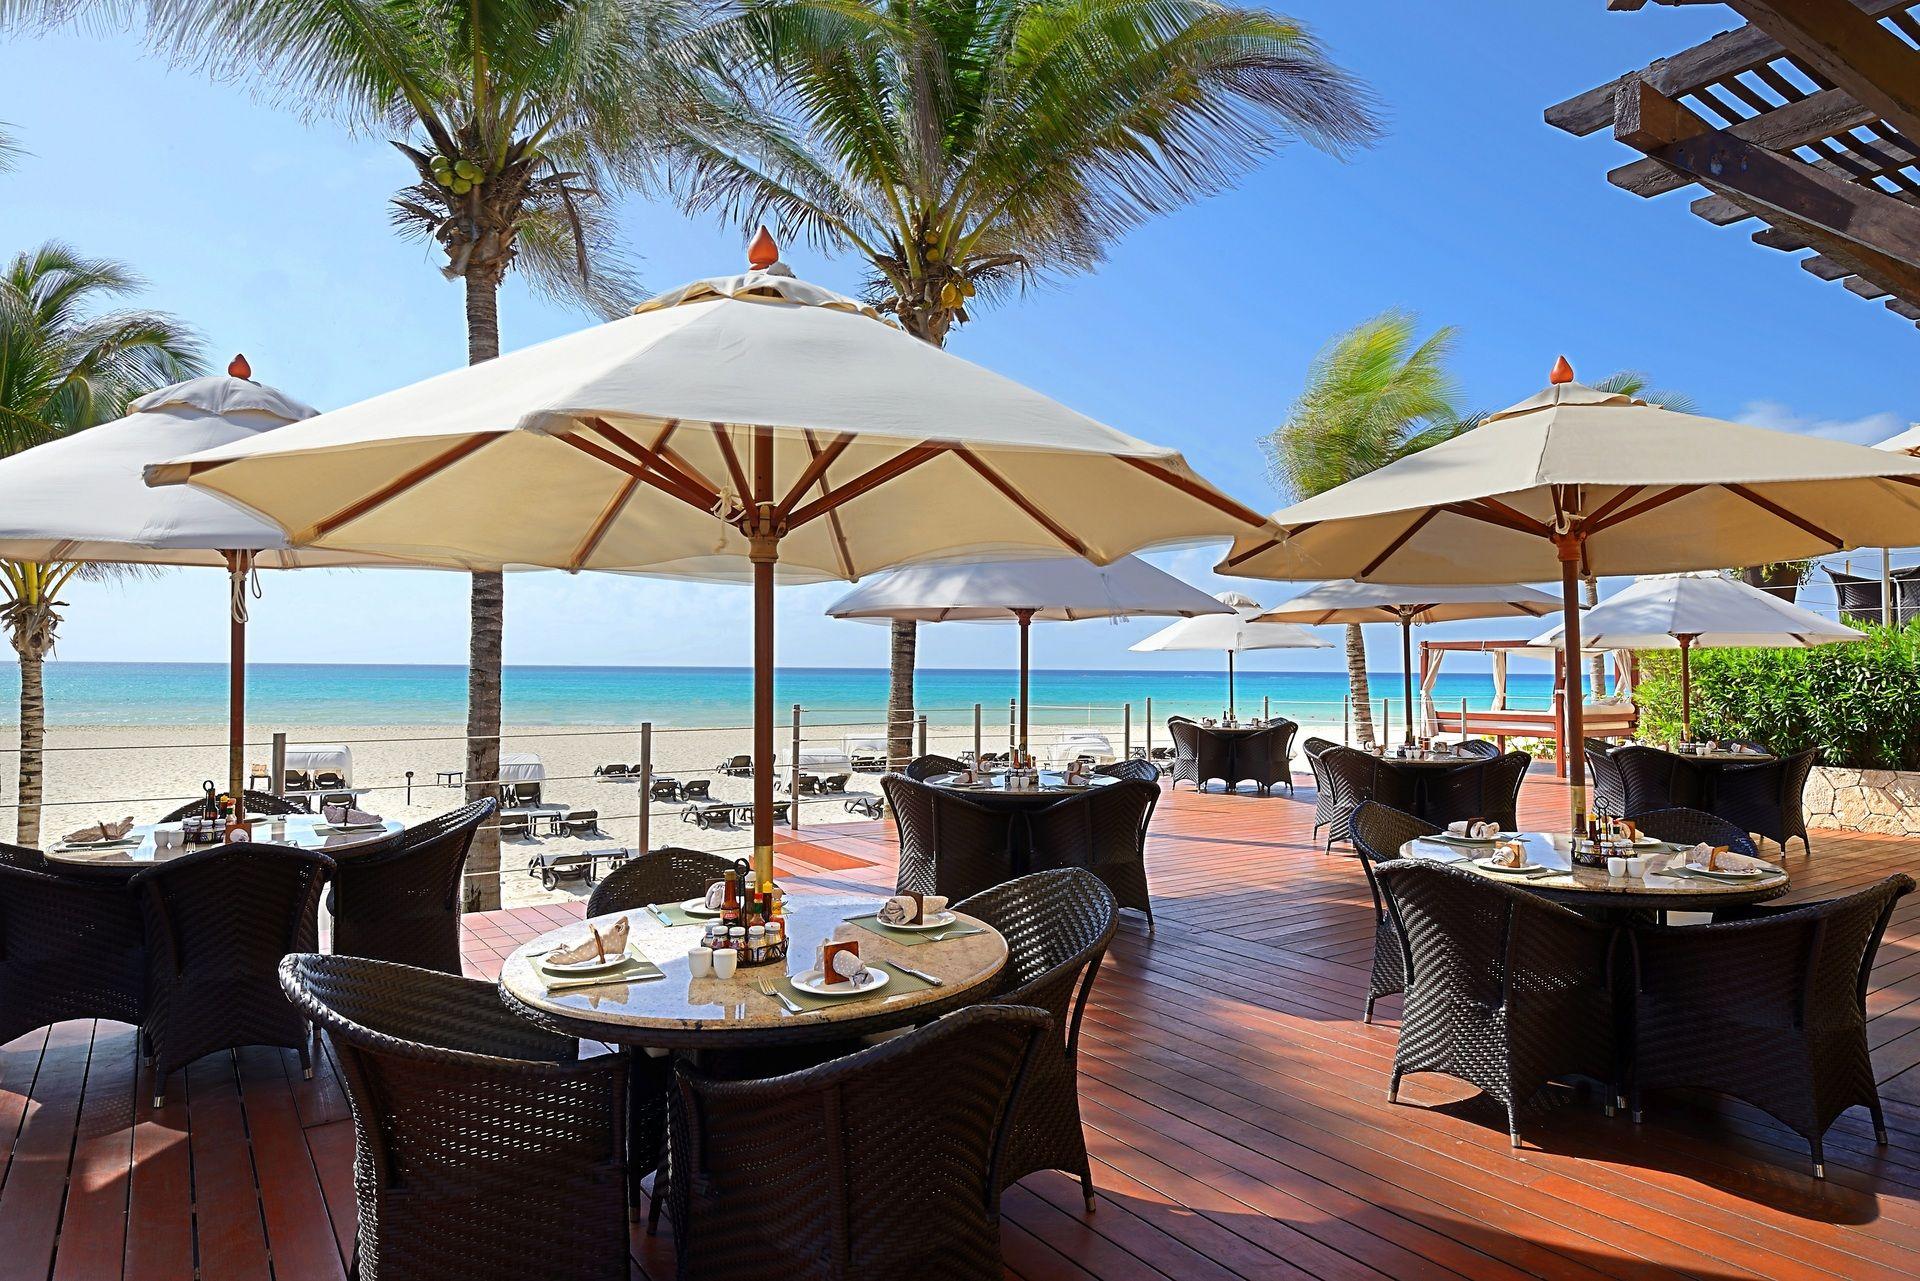 voyages pour adultes tout inclus Cancun WestJet